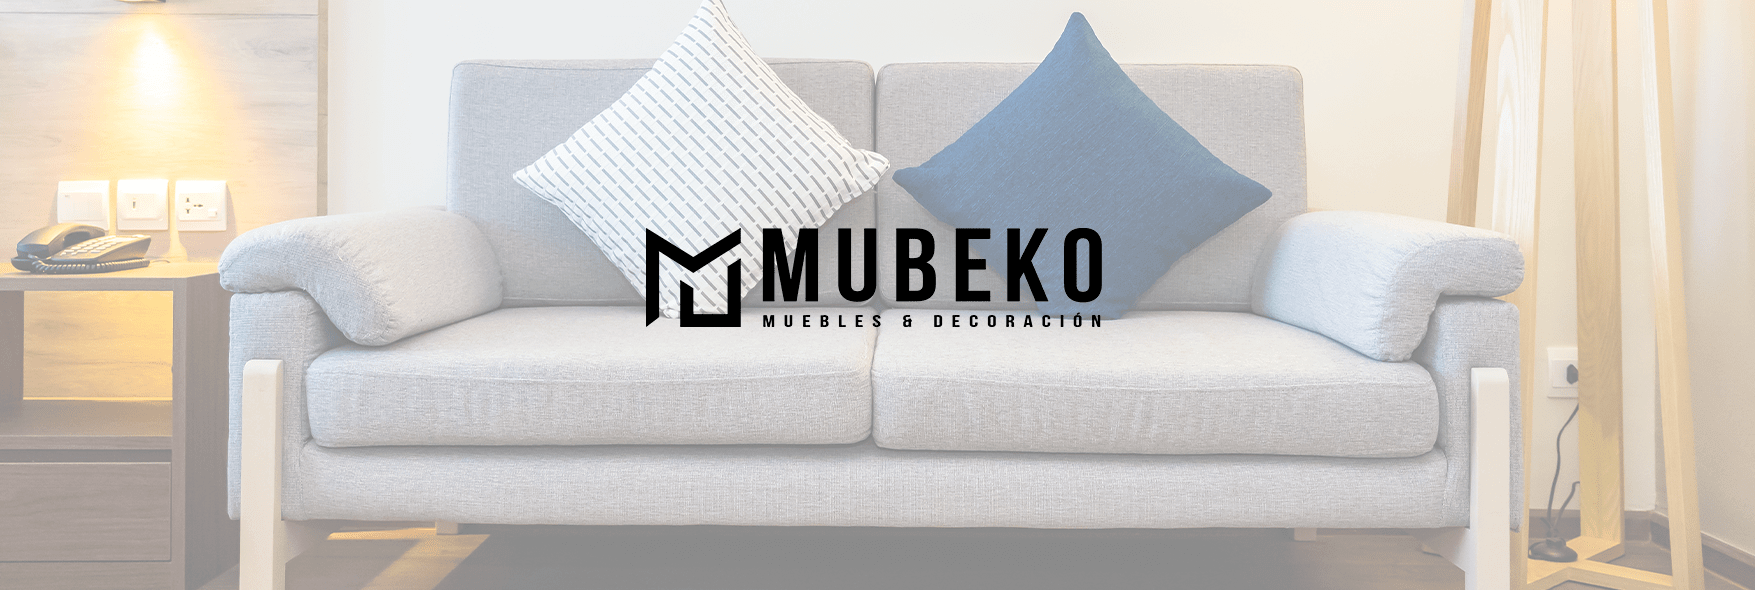 Mubeko fondo